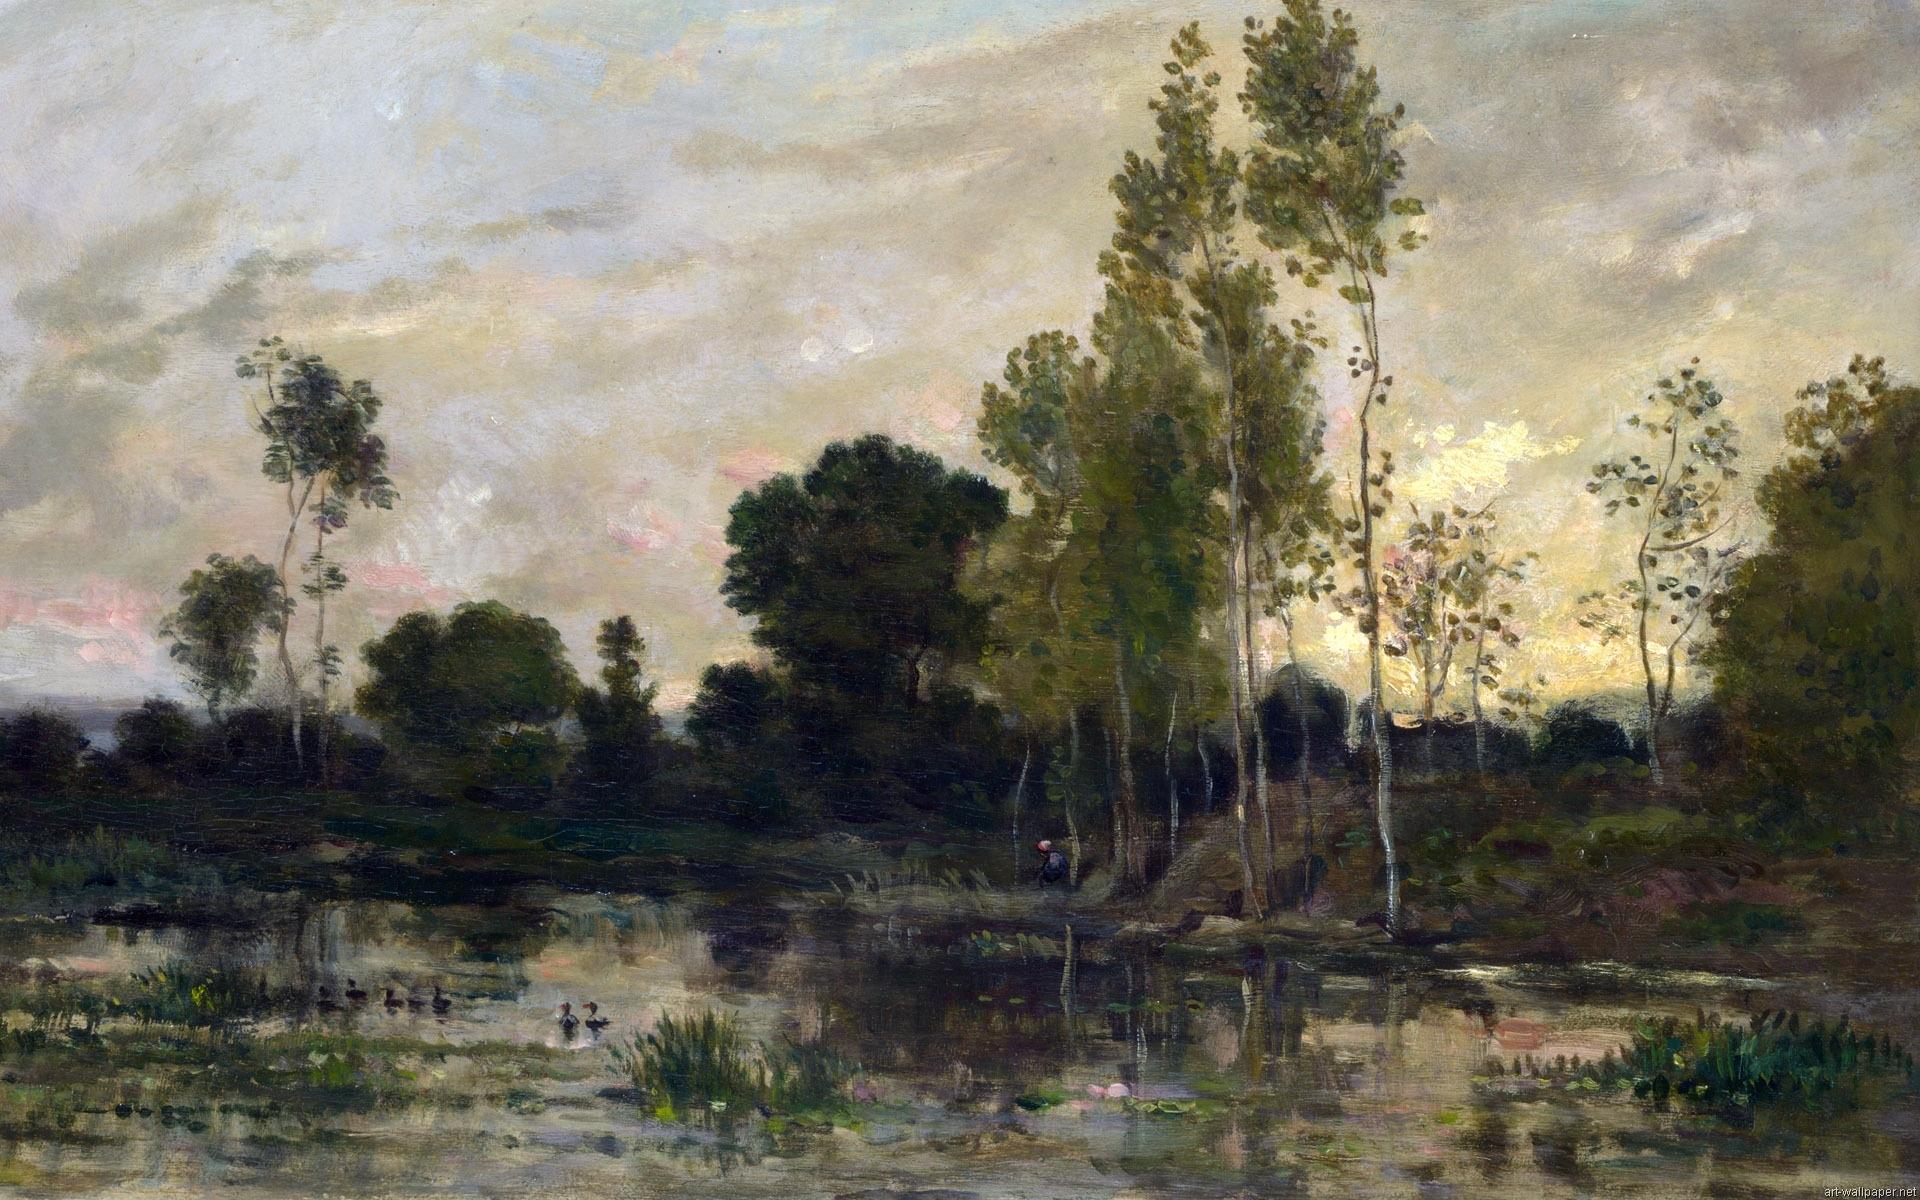 Impressionism Wallpaper Impressionism Wallpaper 12jpg 1920x1200 1920x1200